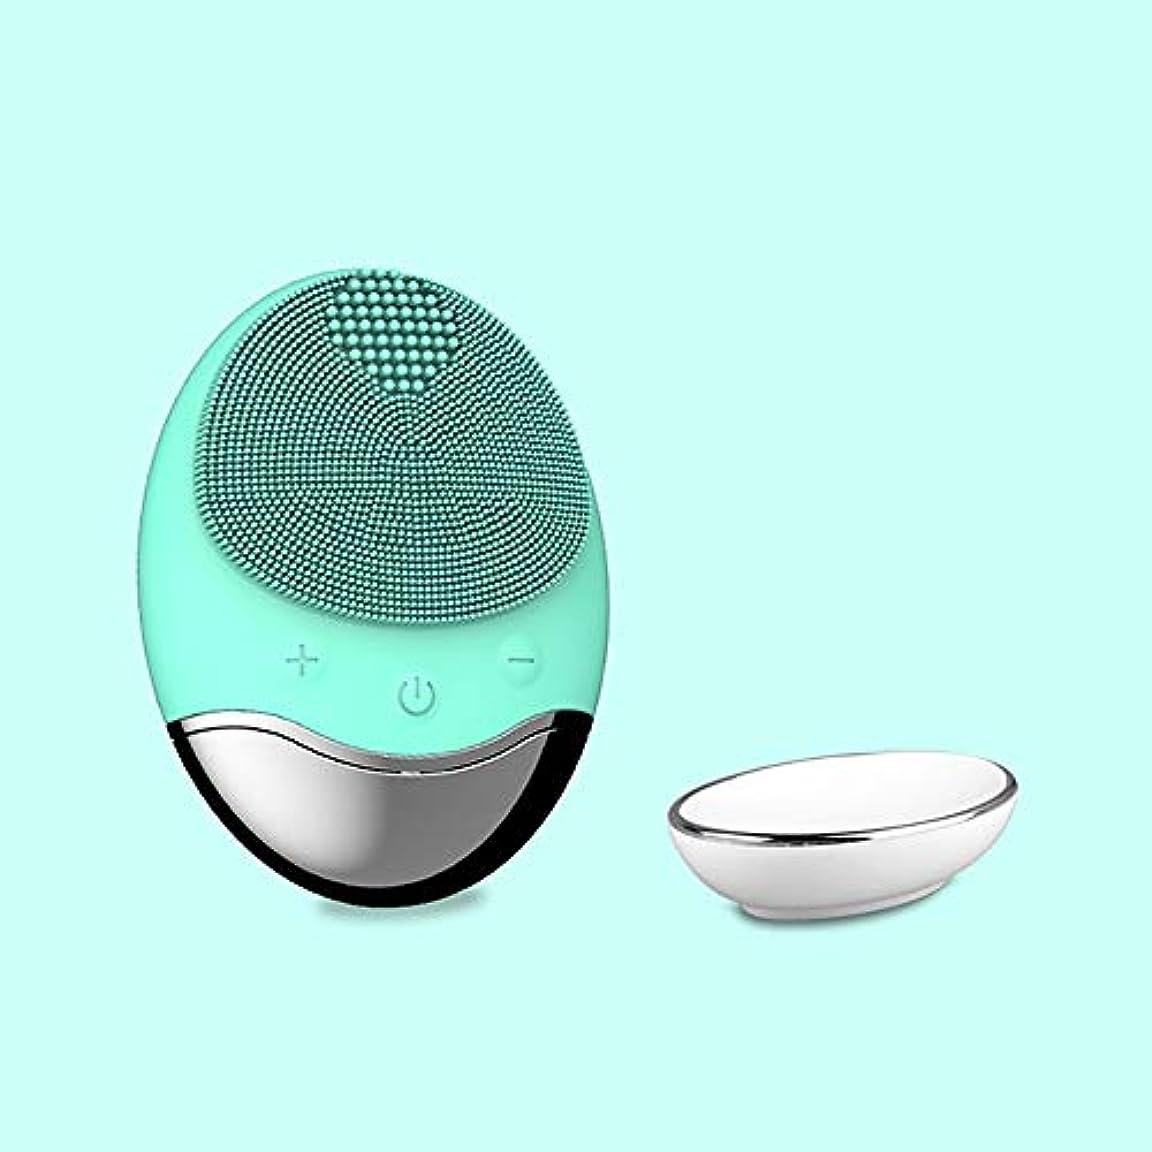 隣人ピーブ然としたZXF 新しいアップグレードワイヤレス充電電気家庭用竹炭シリコーン防水超音波洗浄毛穴洗浄器具洗浄器具輸入器具 滑らかである (色 : Green)